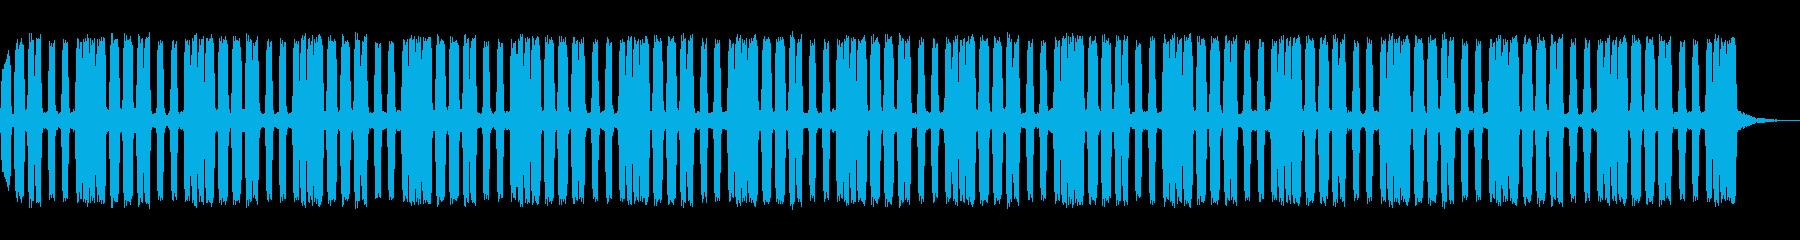 クラクションのループの再生済みの波形